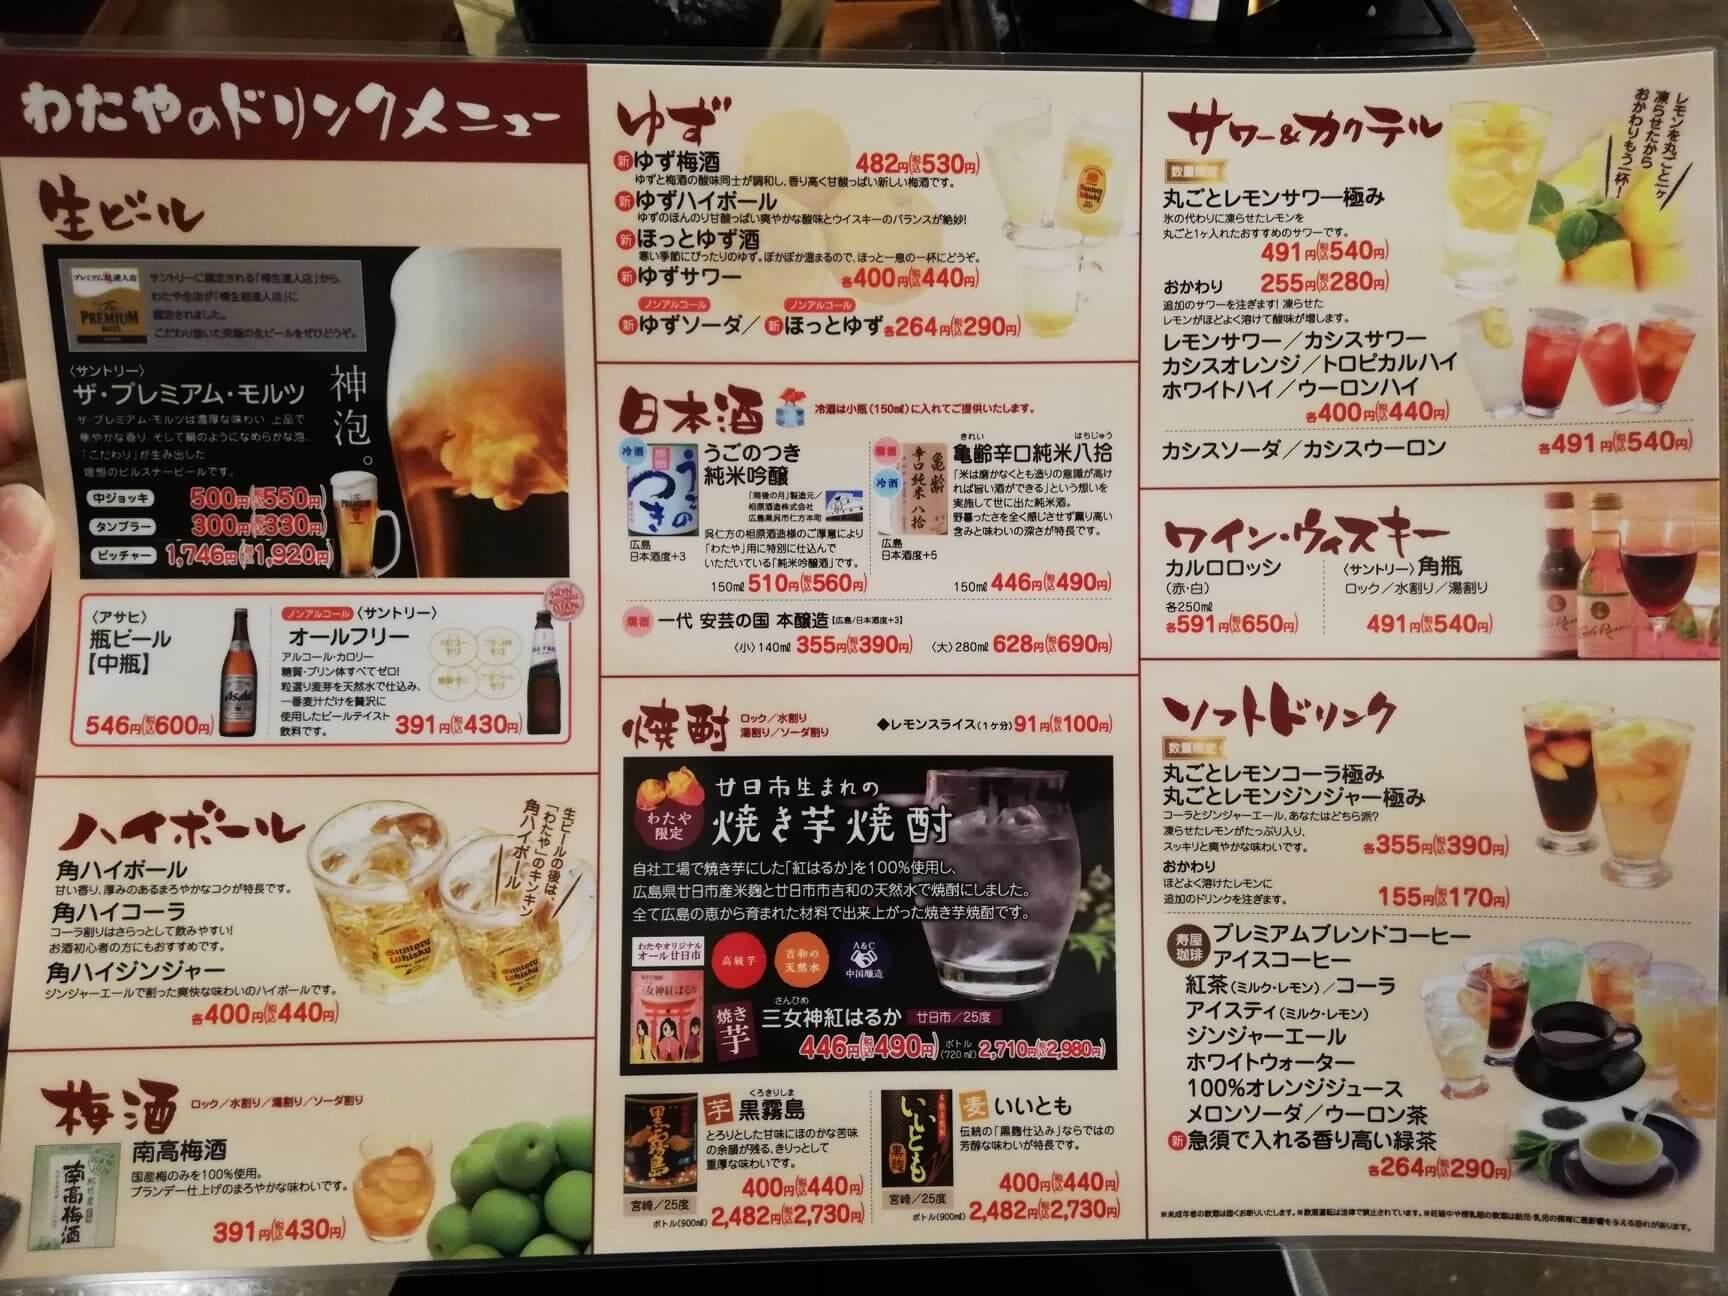 広島県の前空駅『田舎茶屋わたや大野店』のドリンクメニュー表写真